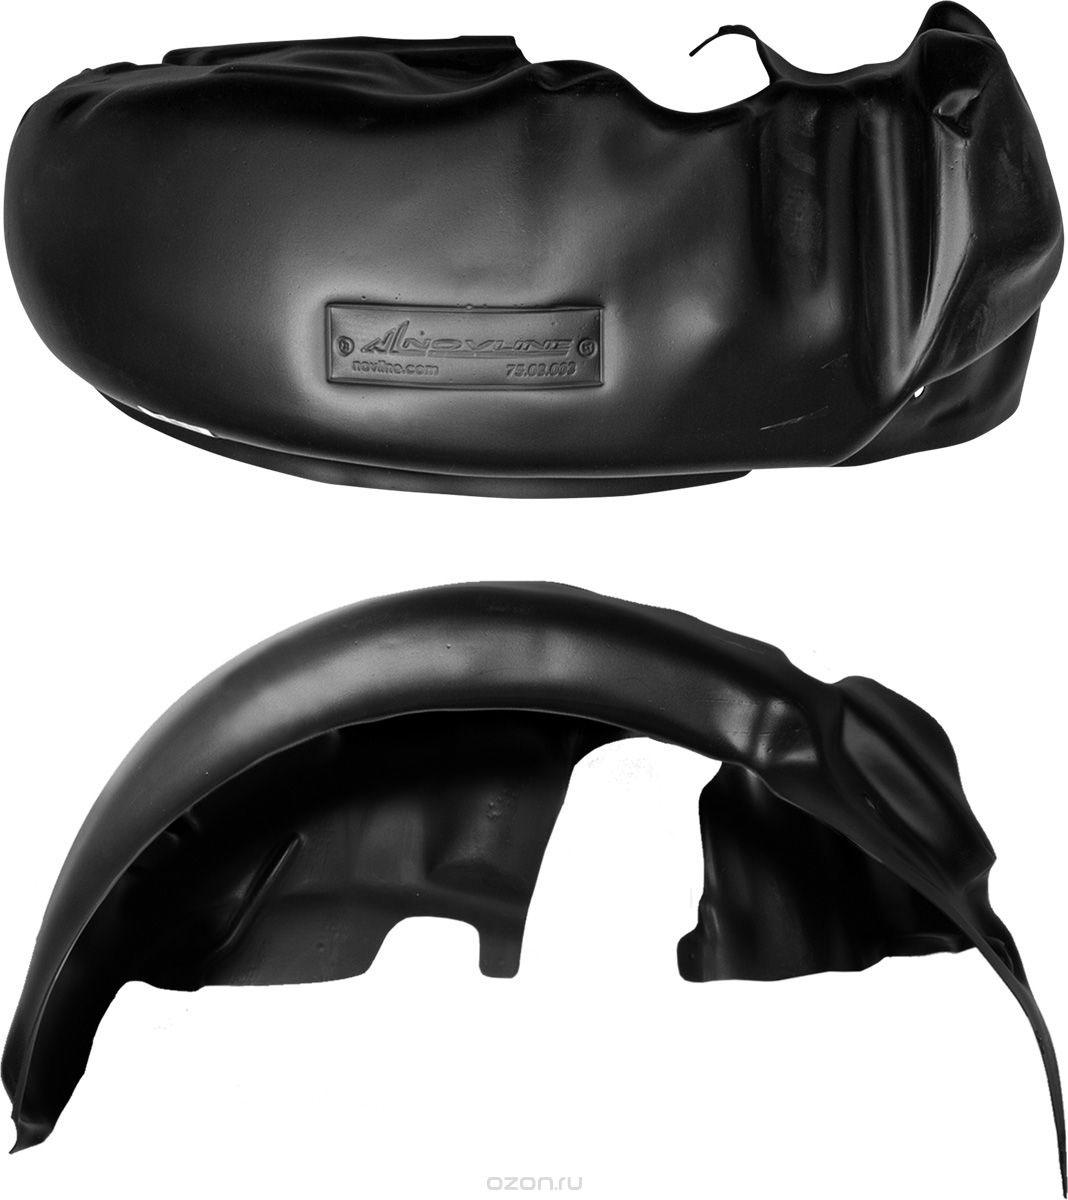 Подкрылок Novline-Autofamily, для TOYOTA Land Cruiser Prado 01/2003-2009, передний правыйDW90Идеальная защита колесной ниши. Локеры разработаны с применением цифровых технологий, гарантируют максимальную повторяемость поверхности арки. Изделия устанавливаются без нарушения лакокрасочного покрытия автомобиля, каждый подкрылок комплектуется крепежом. Уважаемые клиенты, обращаем ваше внимание, что фотографии на подкрылки универсальные и не отражают реальную форму изделия. При этом само изделие идет точно под размер указанного автомобиля.